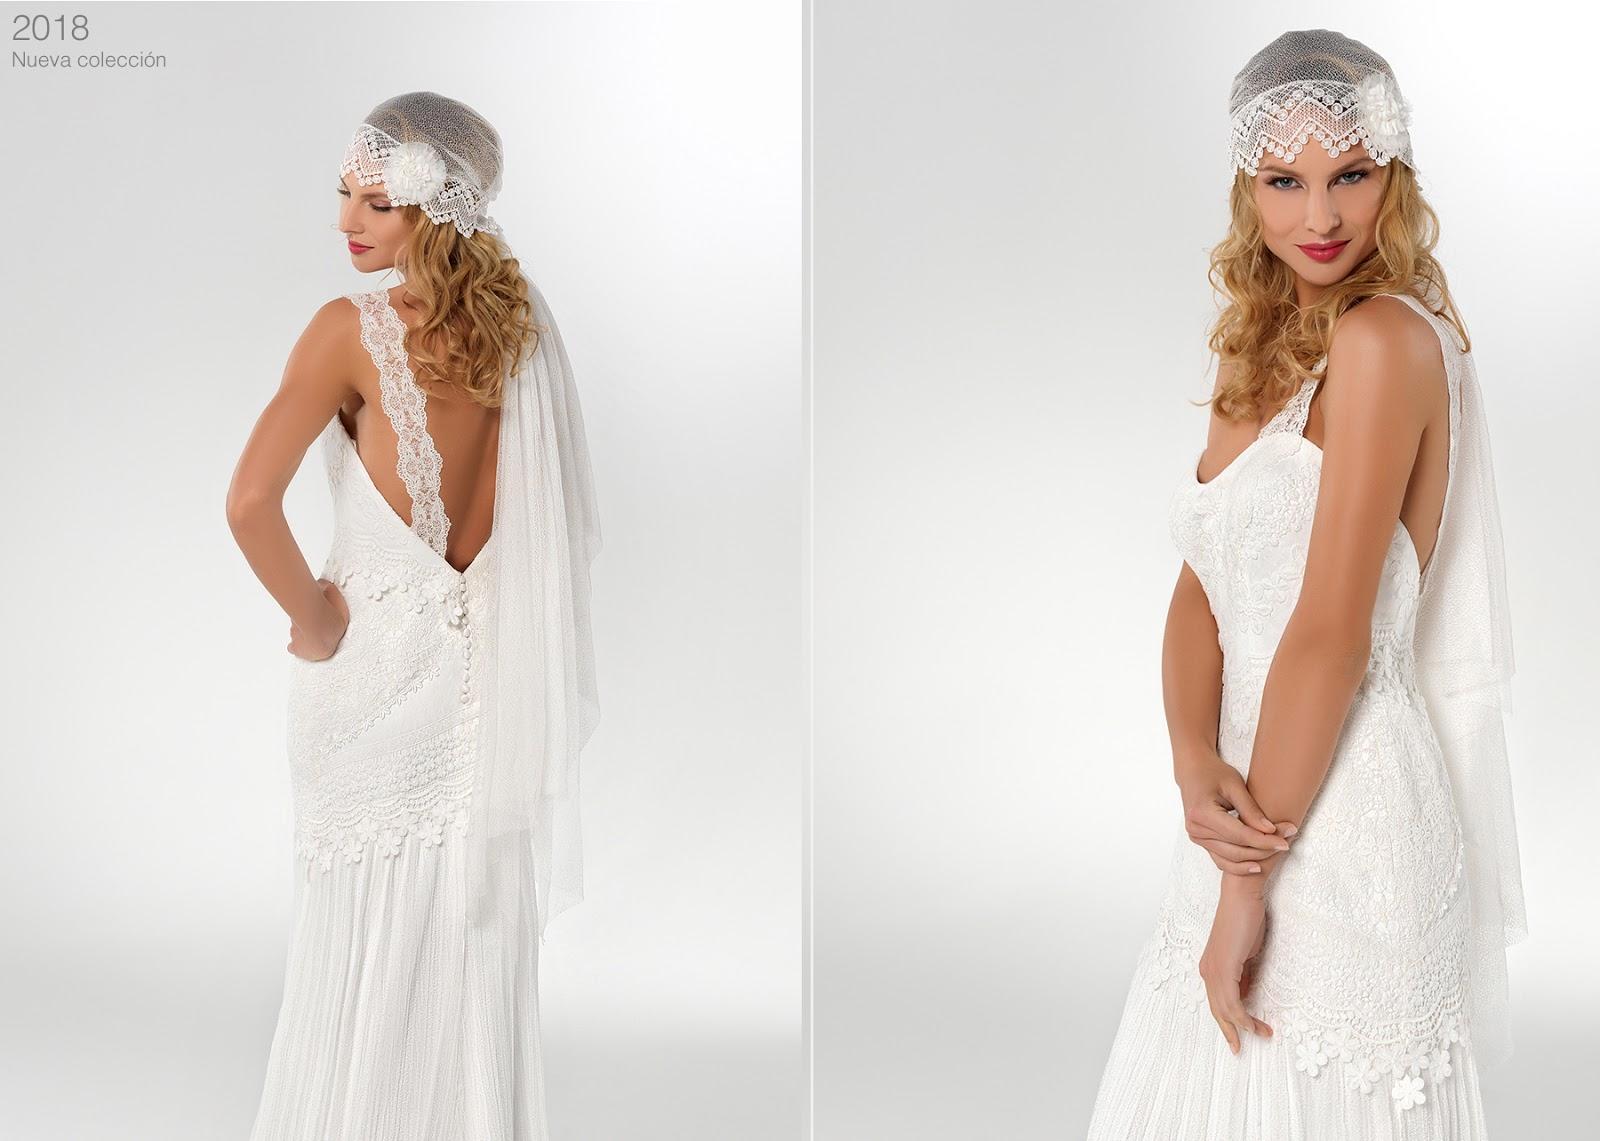 Vestidos De Novia Ibicencos Realmente Increibles Novias Del Sur - Vestidos-ibicenco